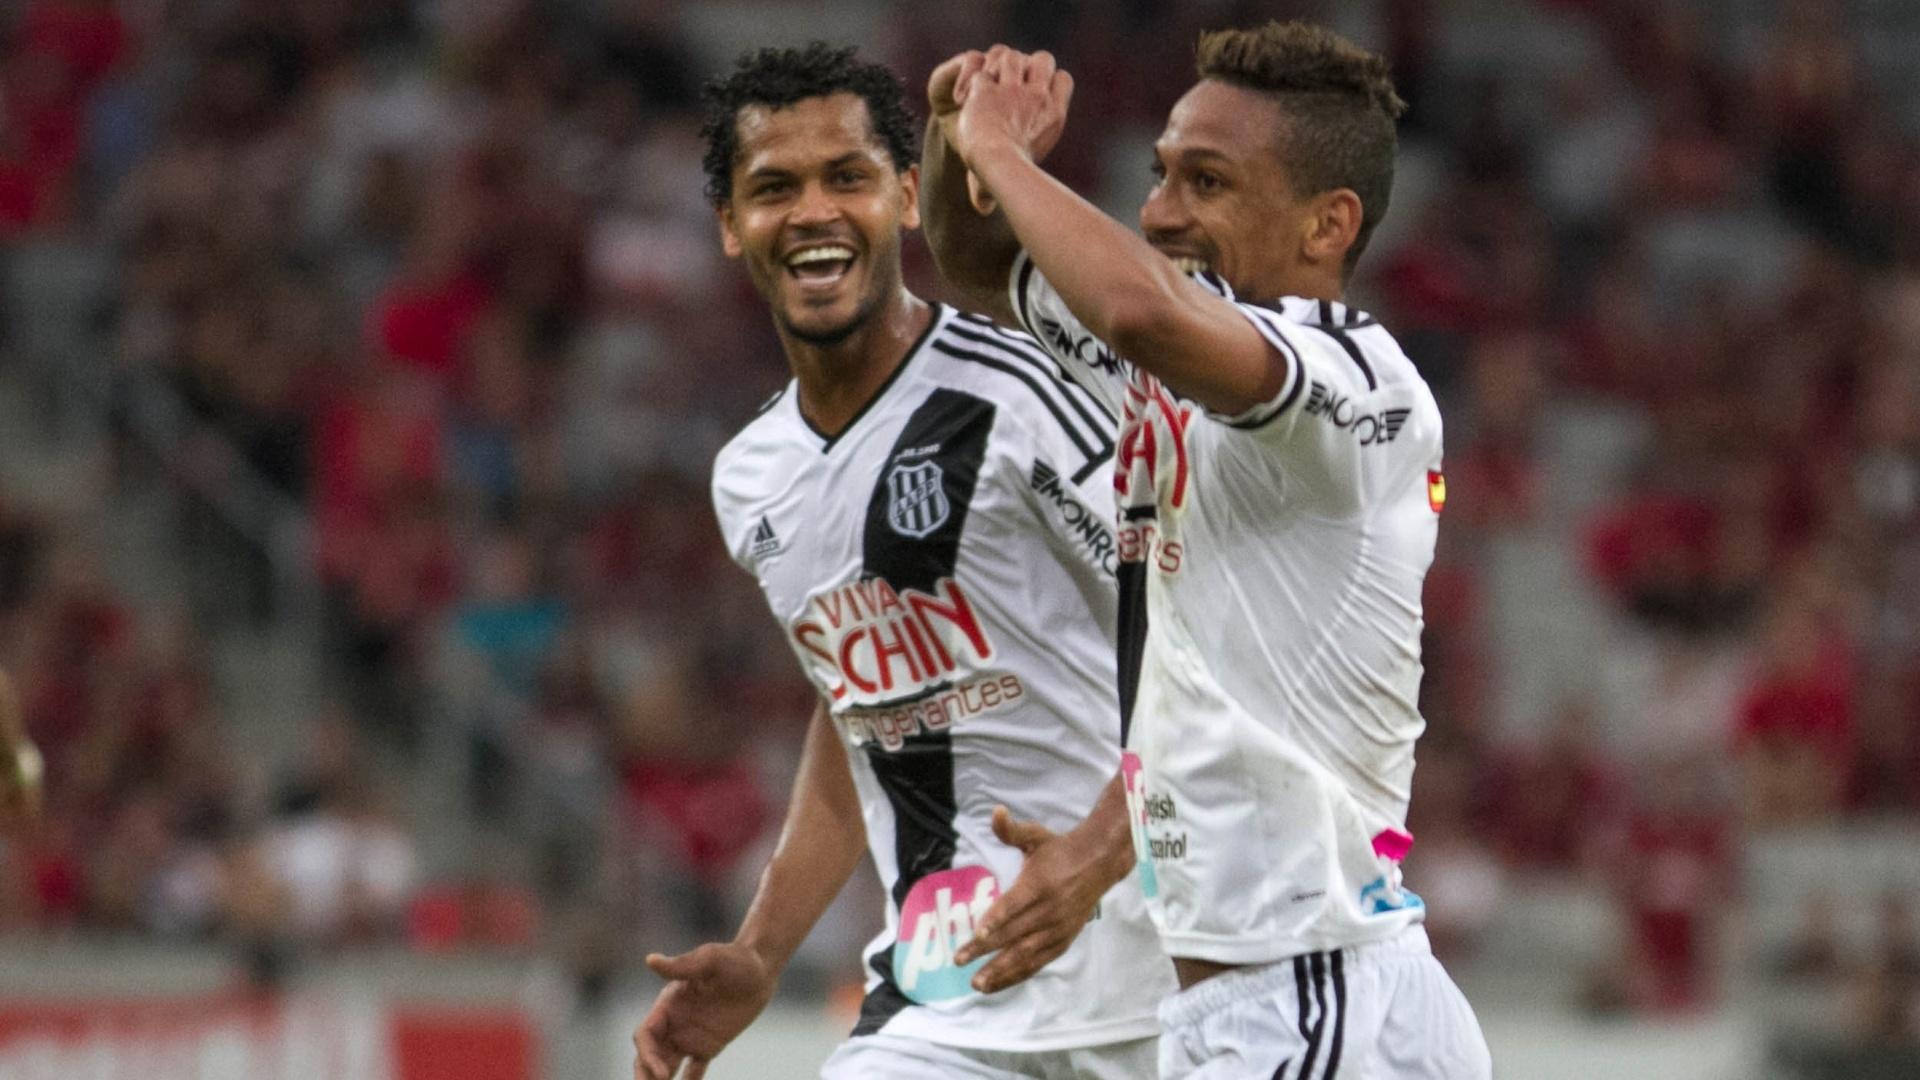 Biro Biro comemora gol da Ponte Preta contra o Atlético-PR